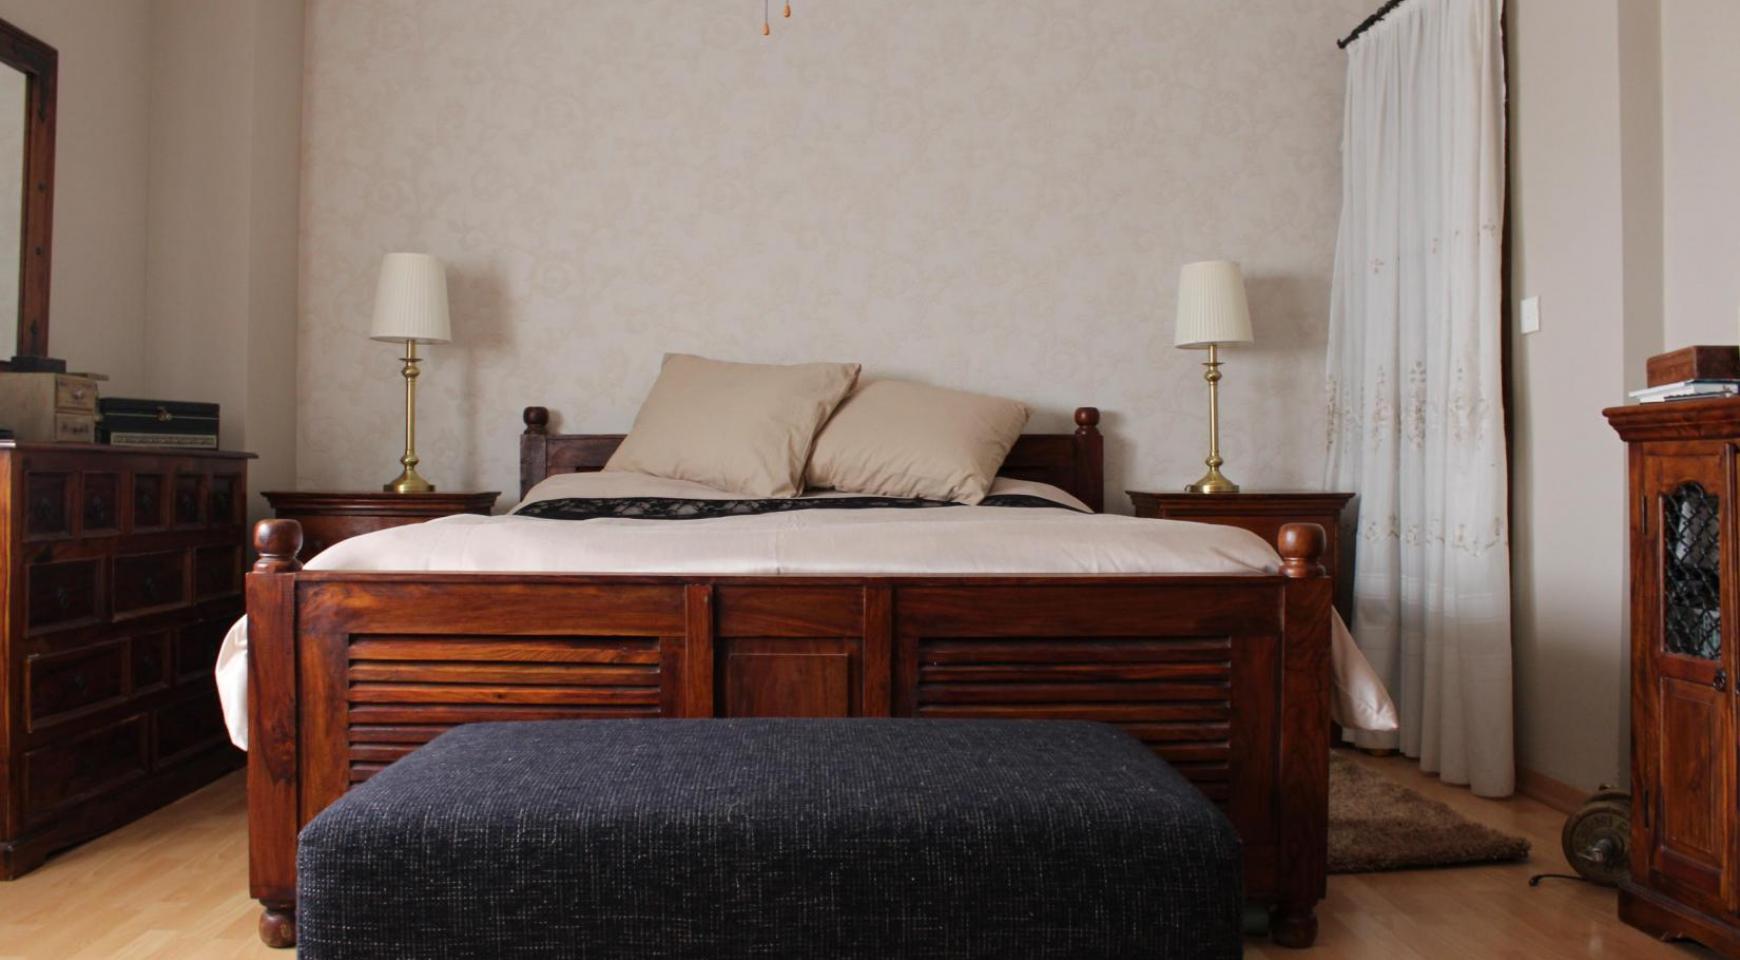 Spacious 5 Bedroom House in Agios Athanasios Area - 9